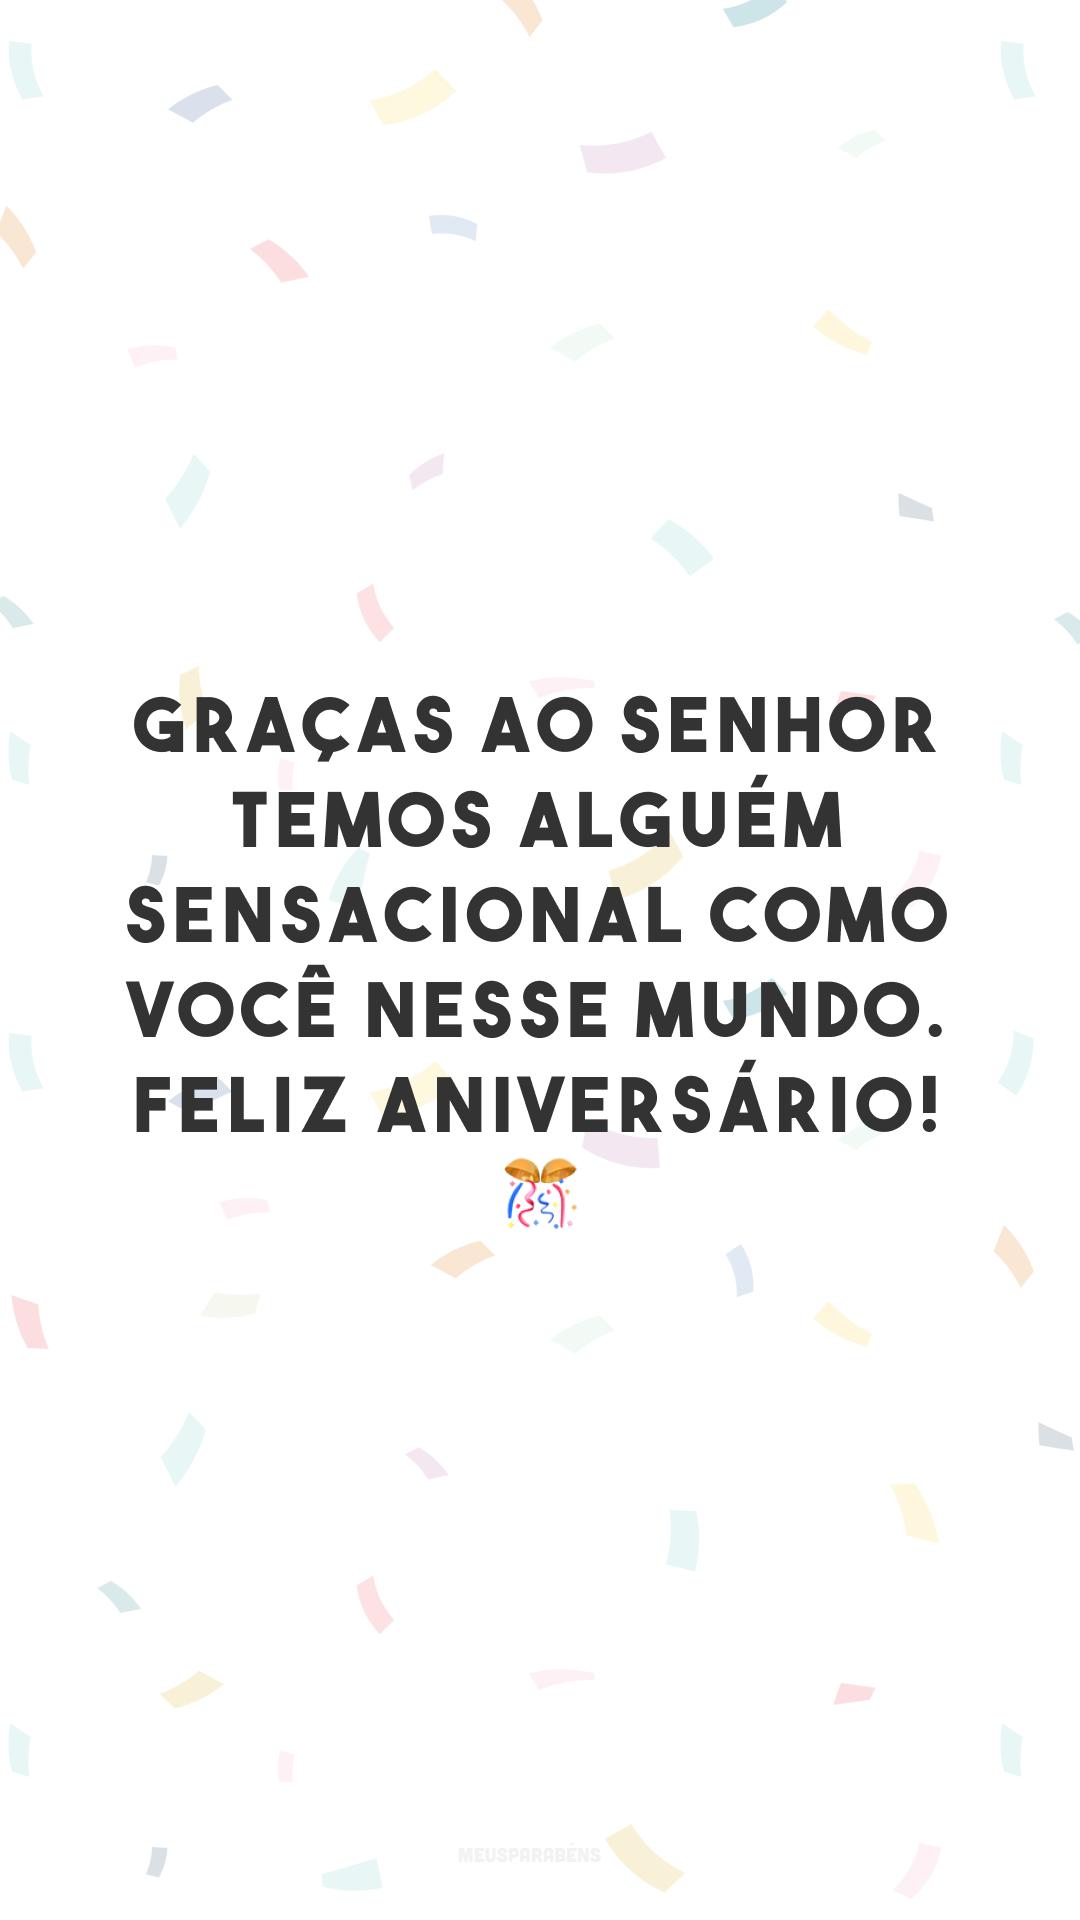 Graças ao Senhor temos alguém sensacional como você nesse mundo. Feliz aniversário! 🎊